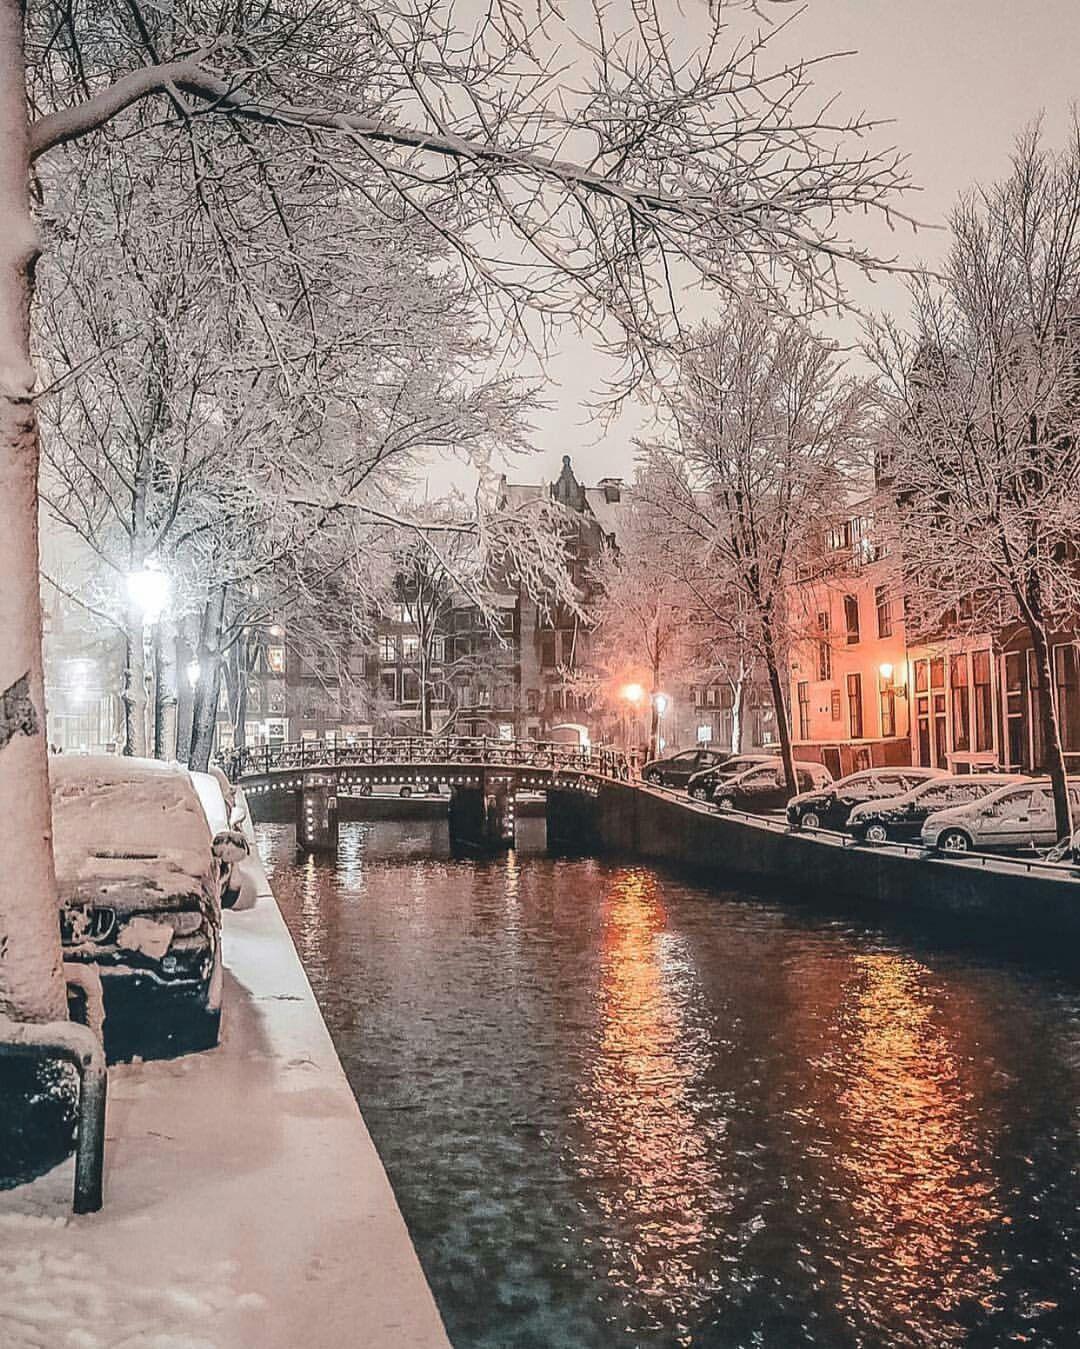 Netherlands Winter Scenery Winter Pictures Winter Scenes